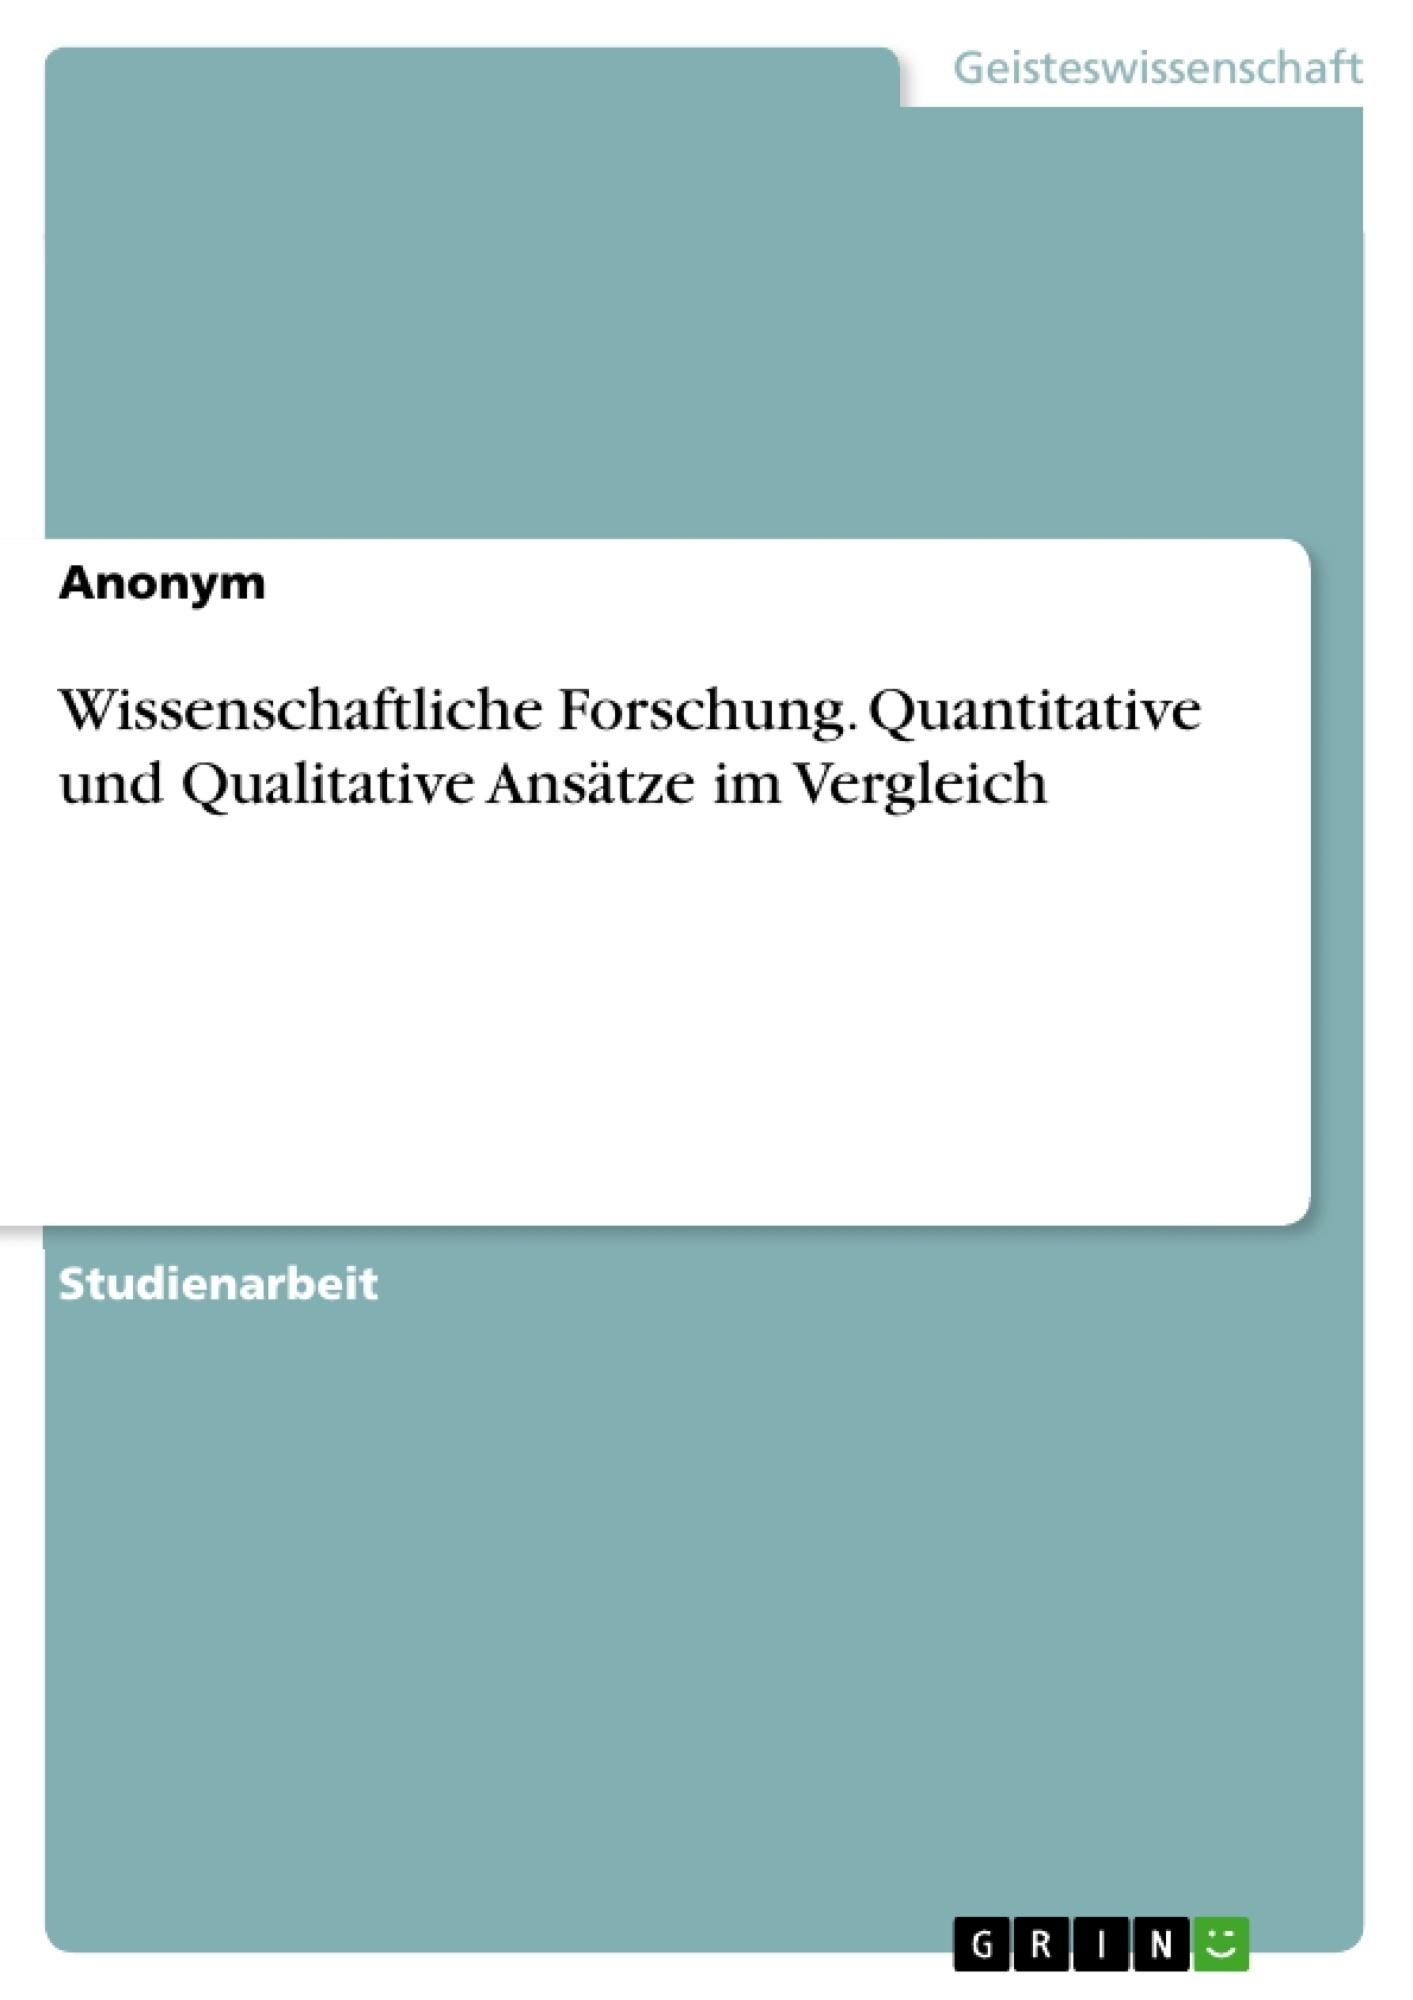 Titel: Wissenschaftliche Forschung. Quantitative und Qualitative Ansätze im Vergleich